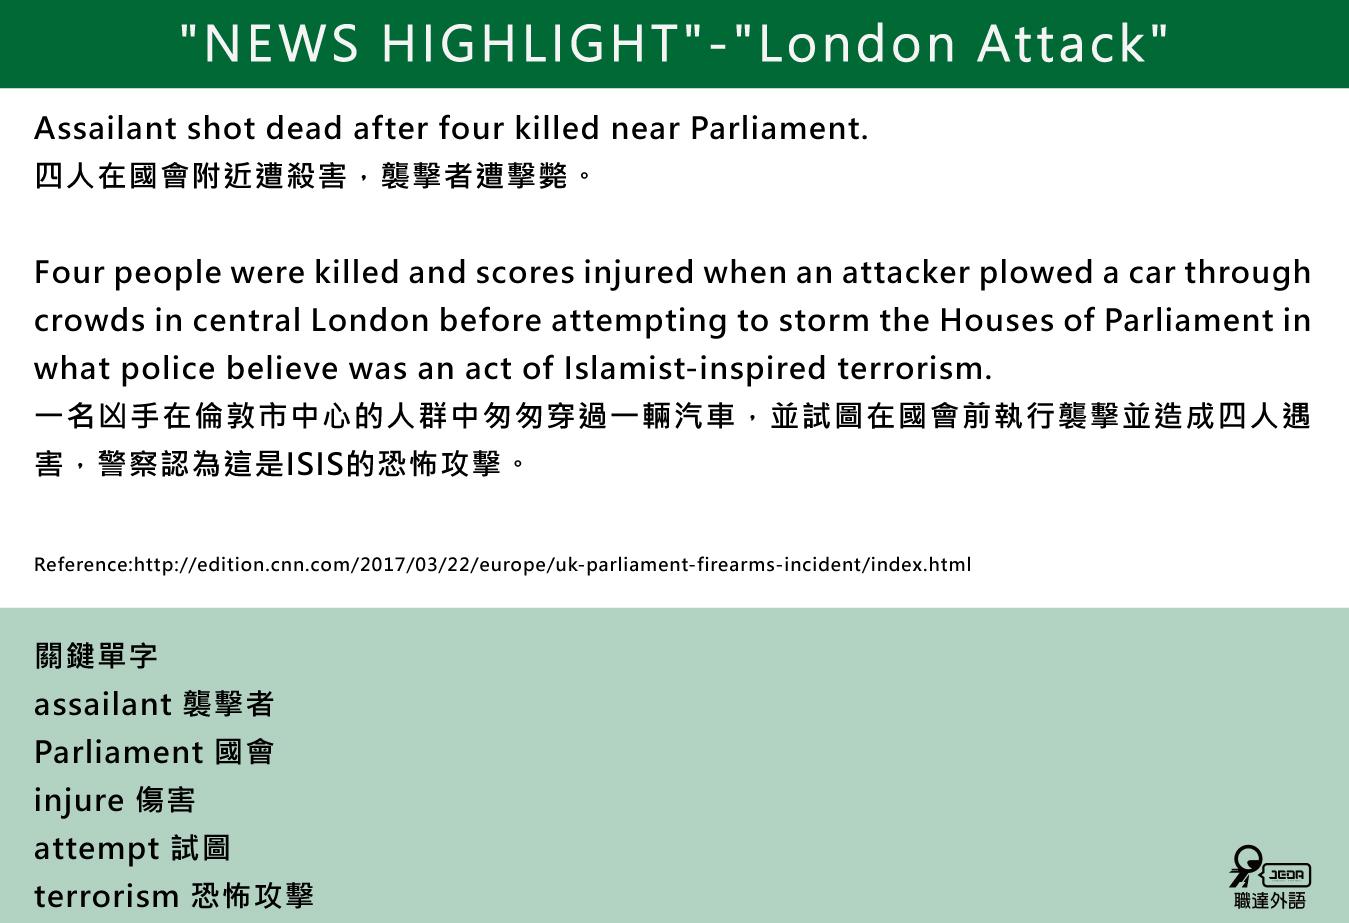 還記得前陣子的倫敦恐怖攻擊嗎...?